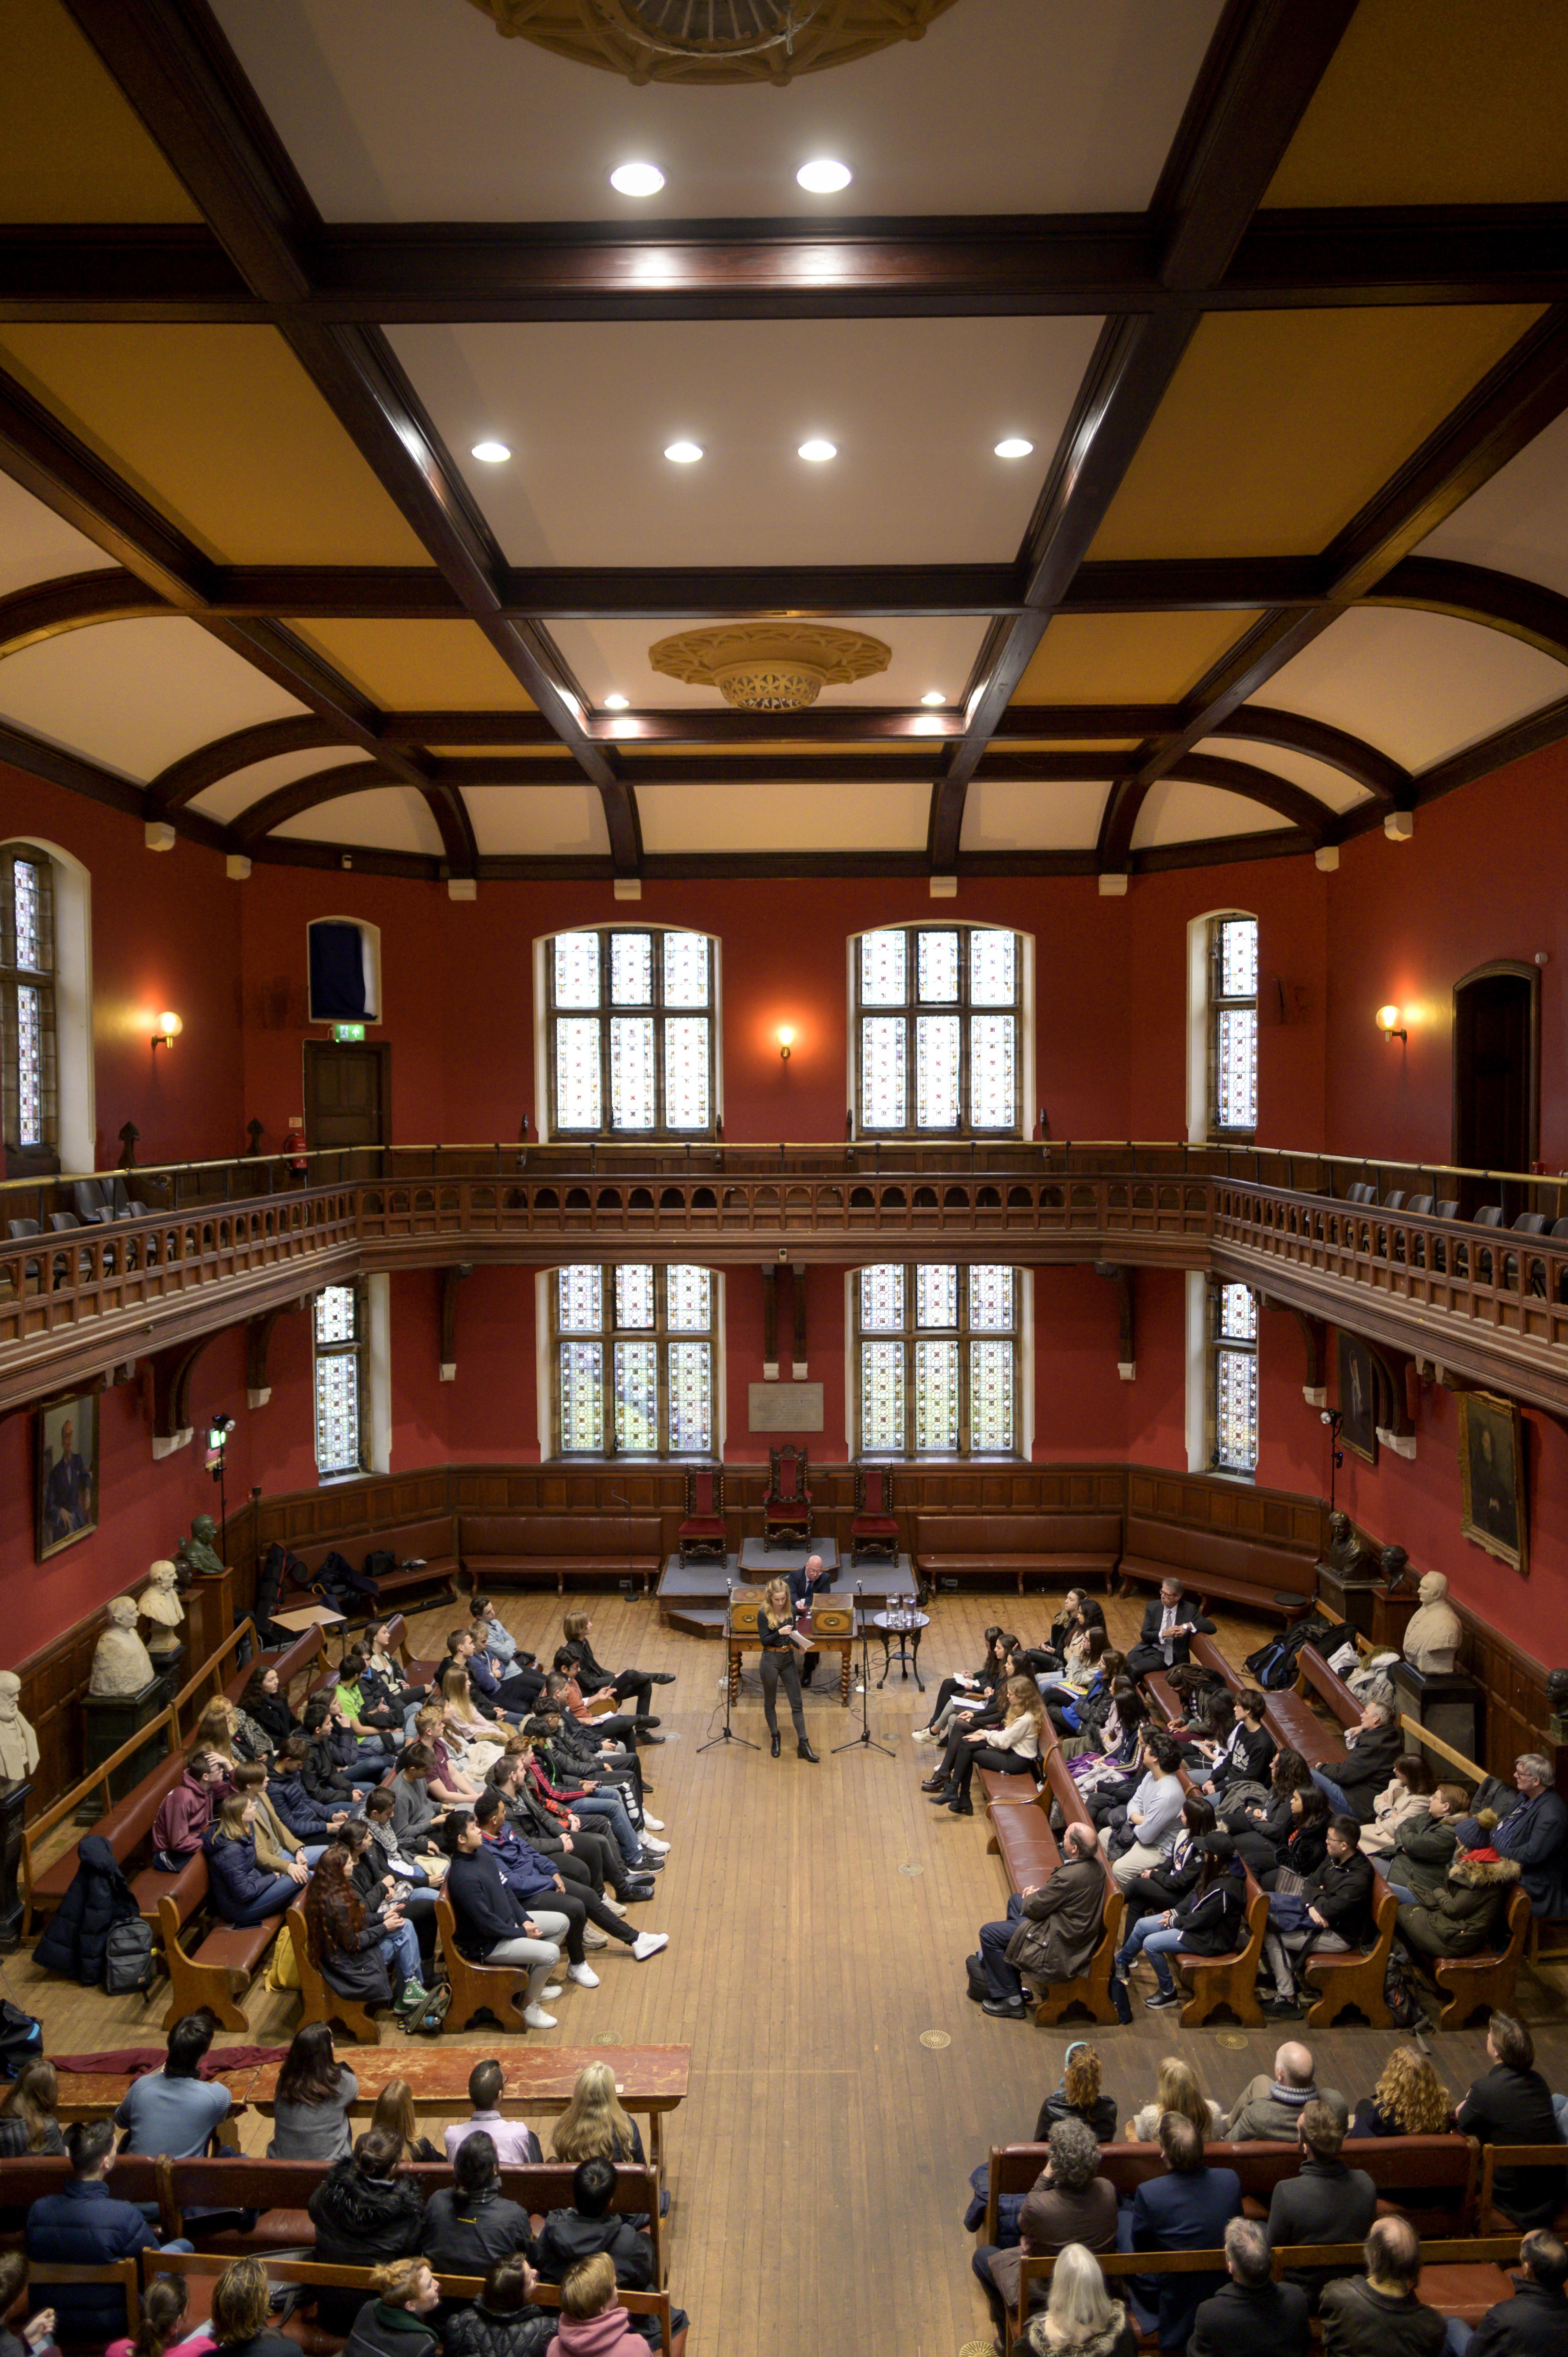 Gap Year Program - Campus Oxford: Gap Year Programs in United Kingdom  8